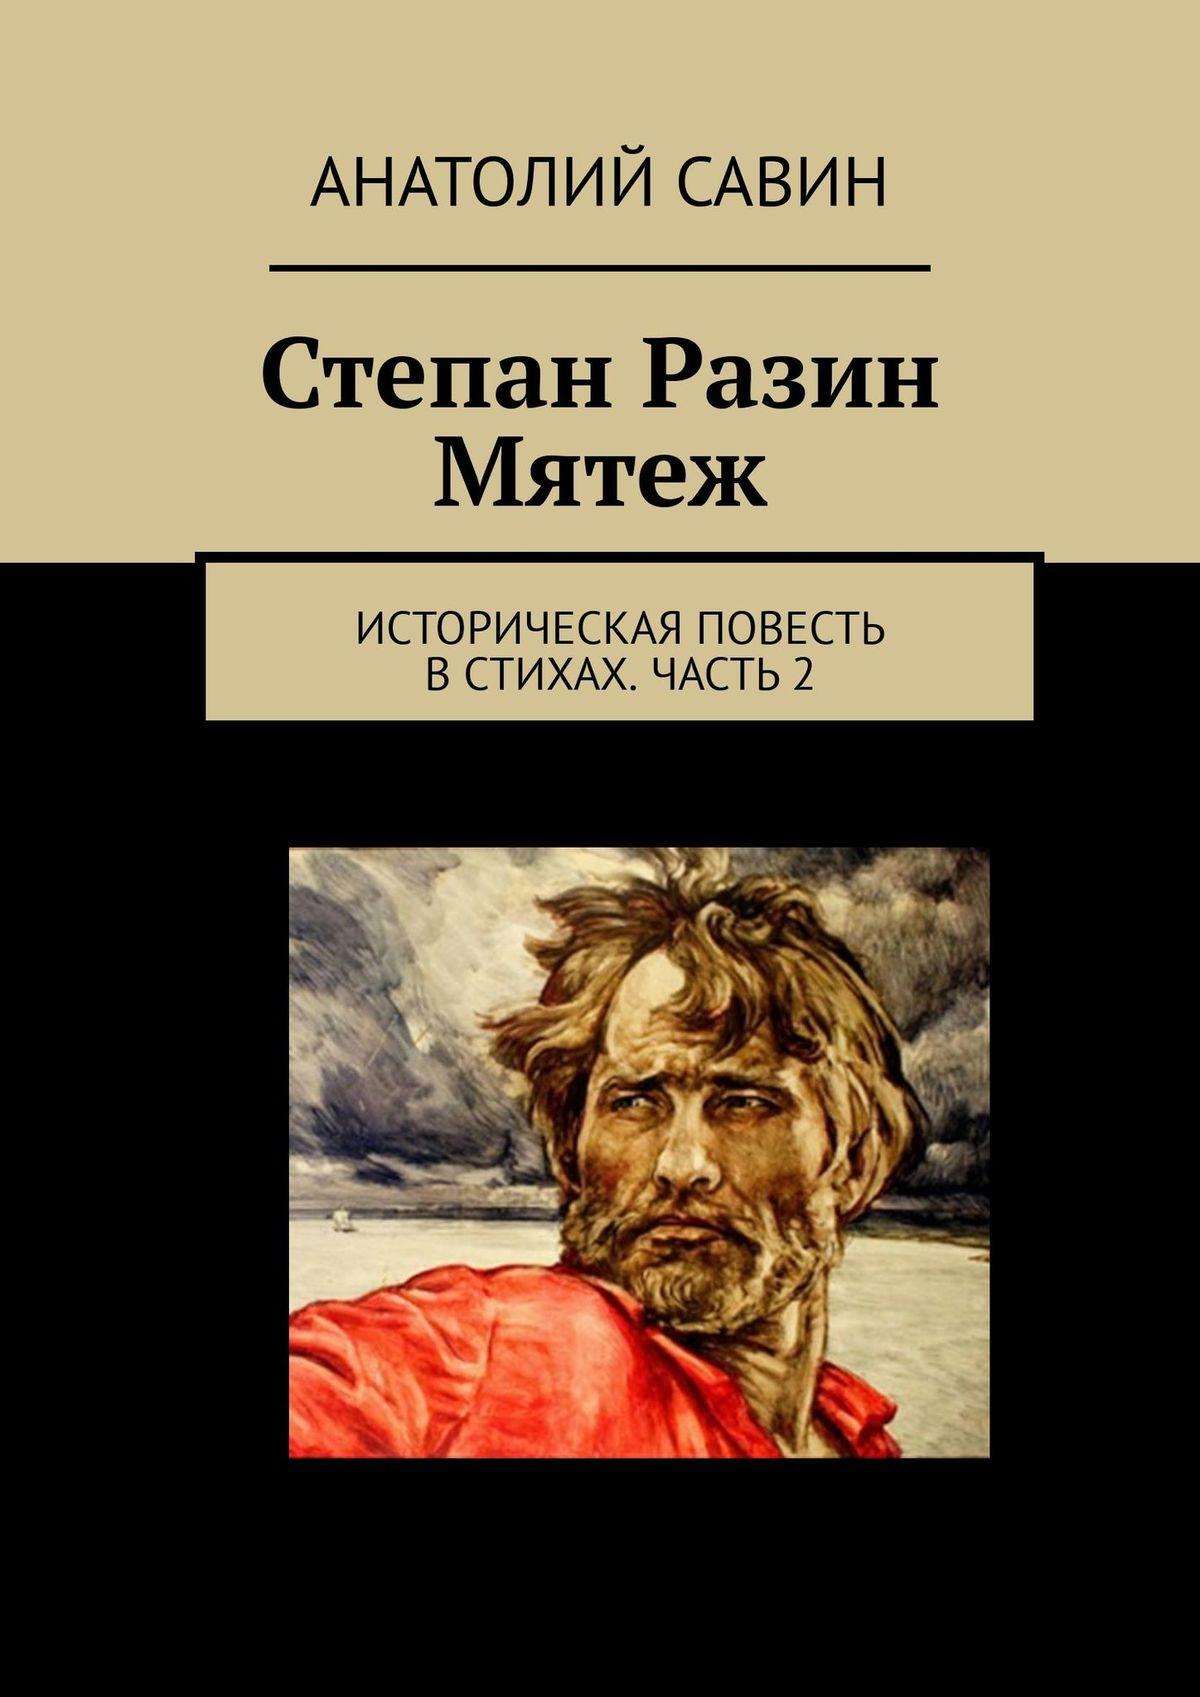 Степан Разин. Мятеж. Историческая повесть встихах. Часть2